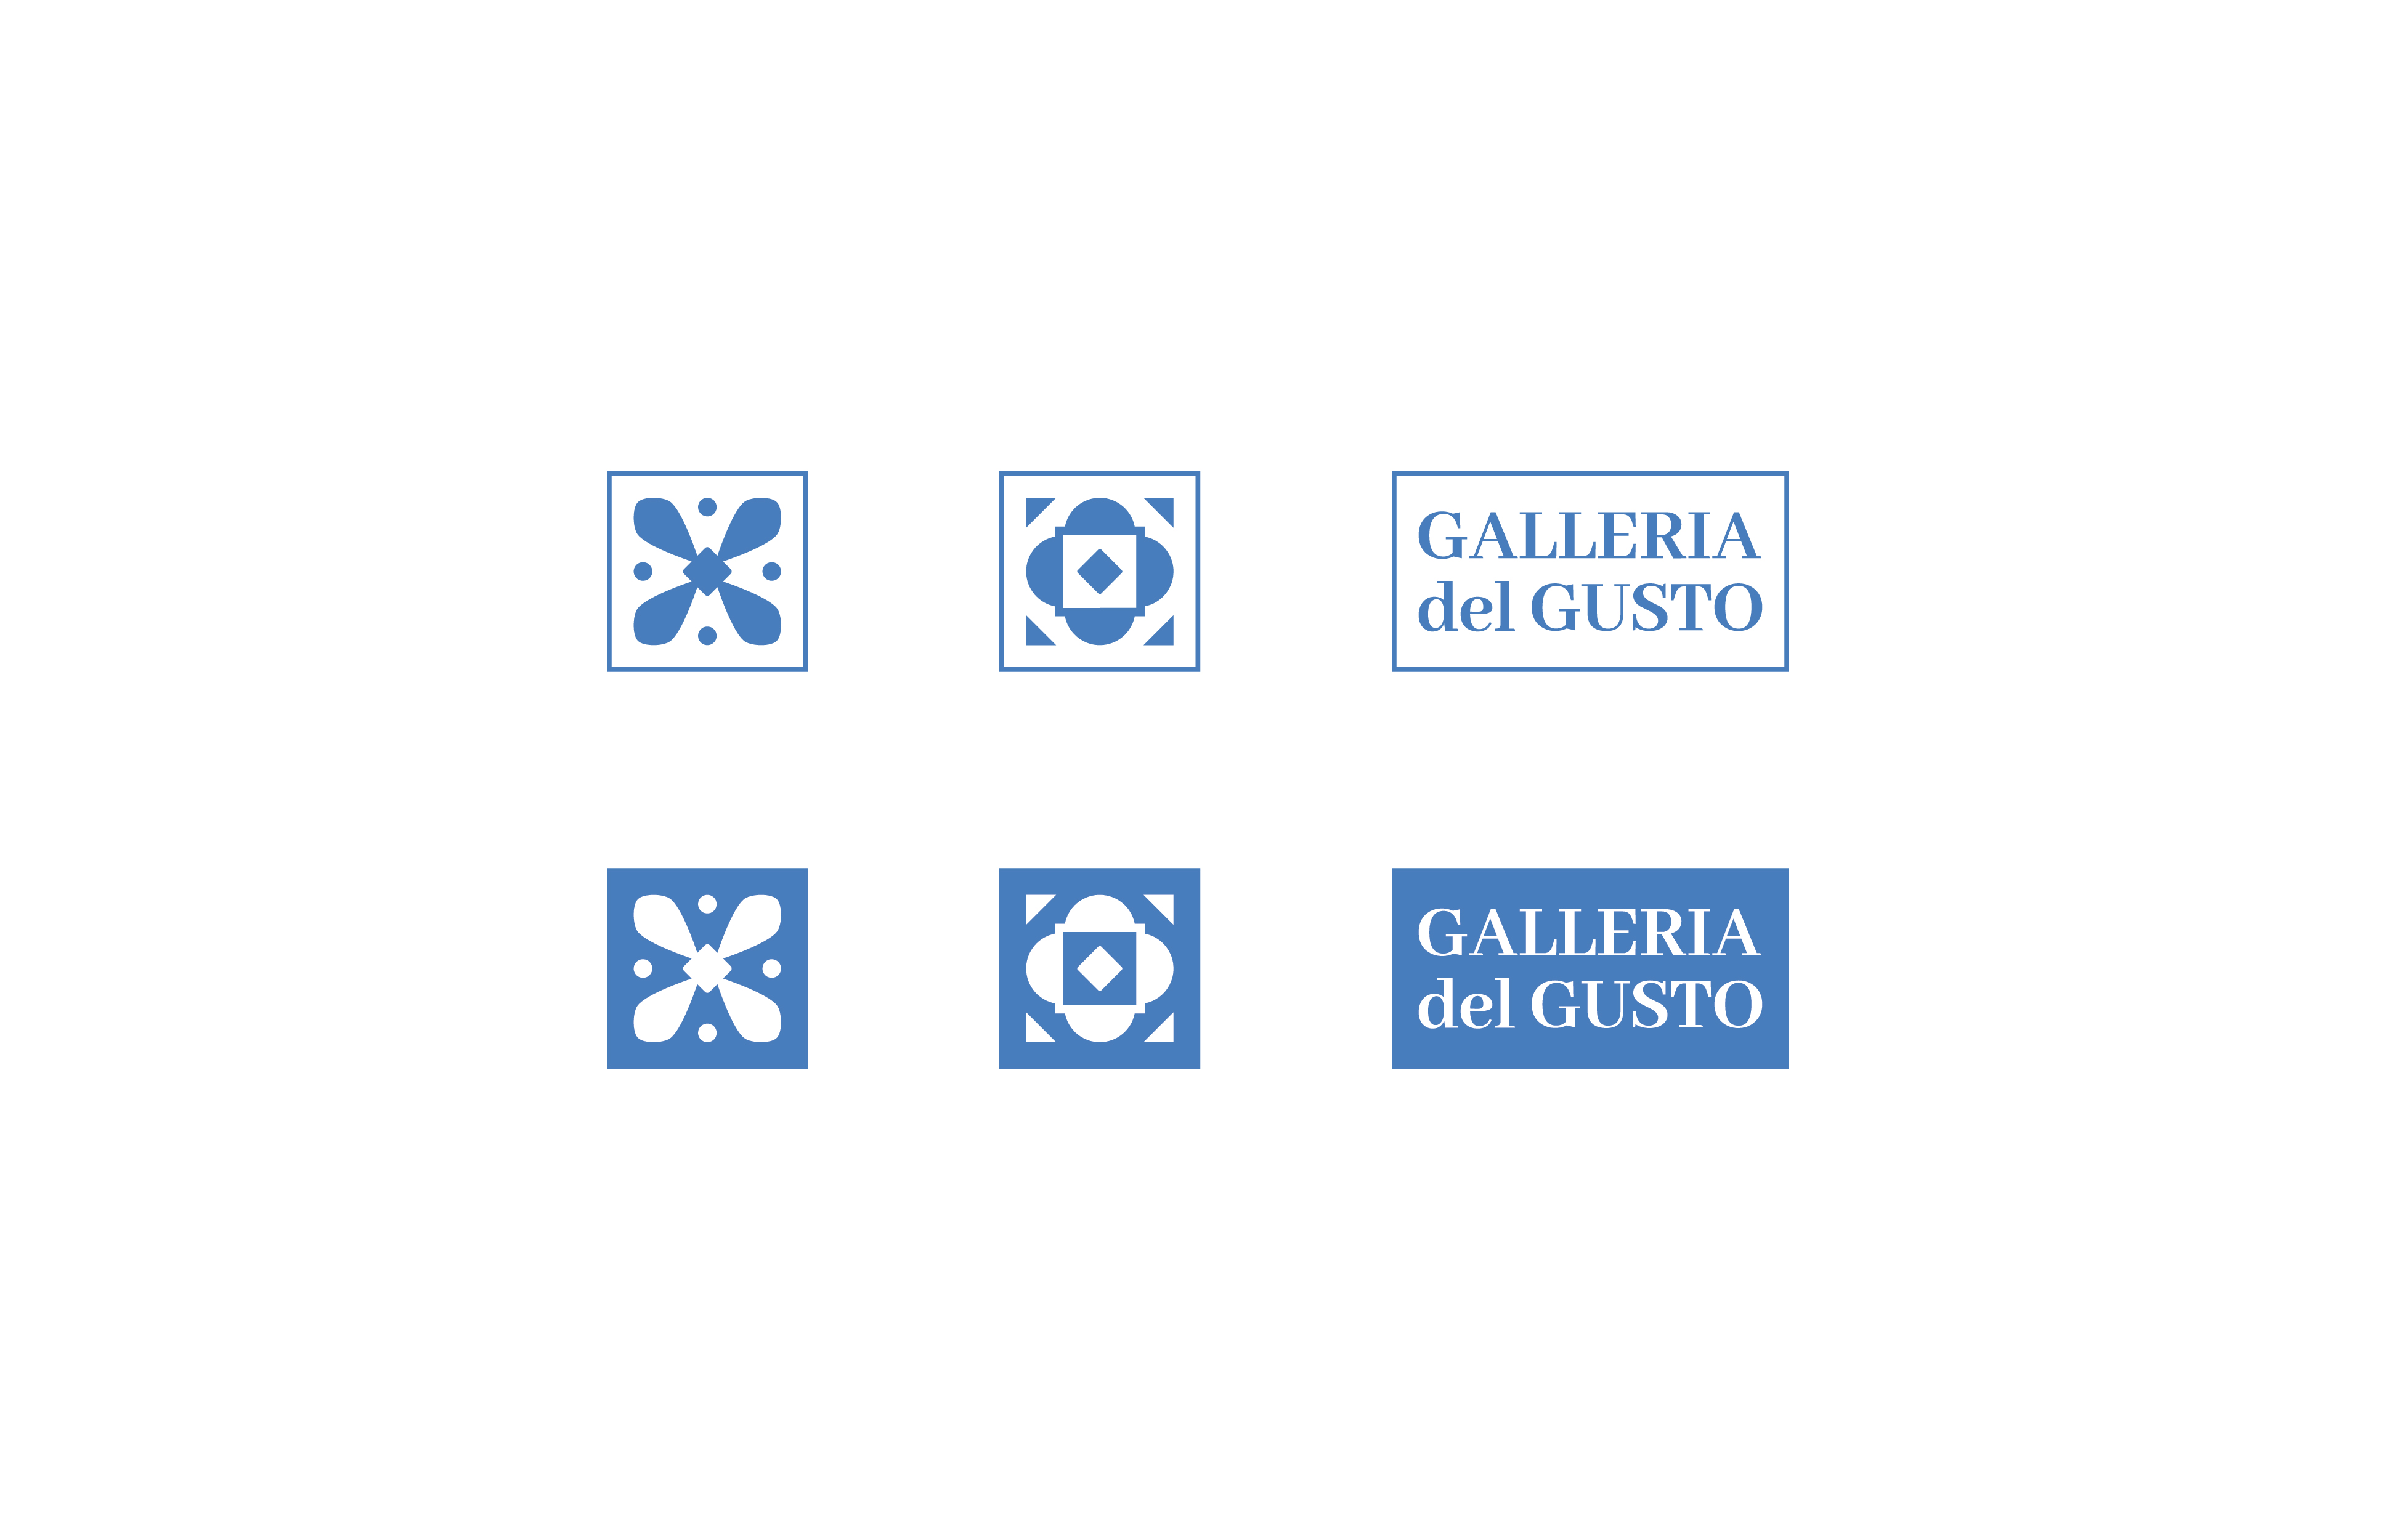 GALLERIADELGUSTO-03